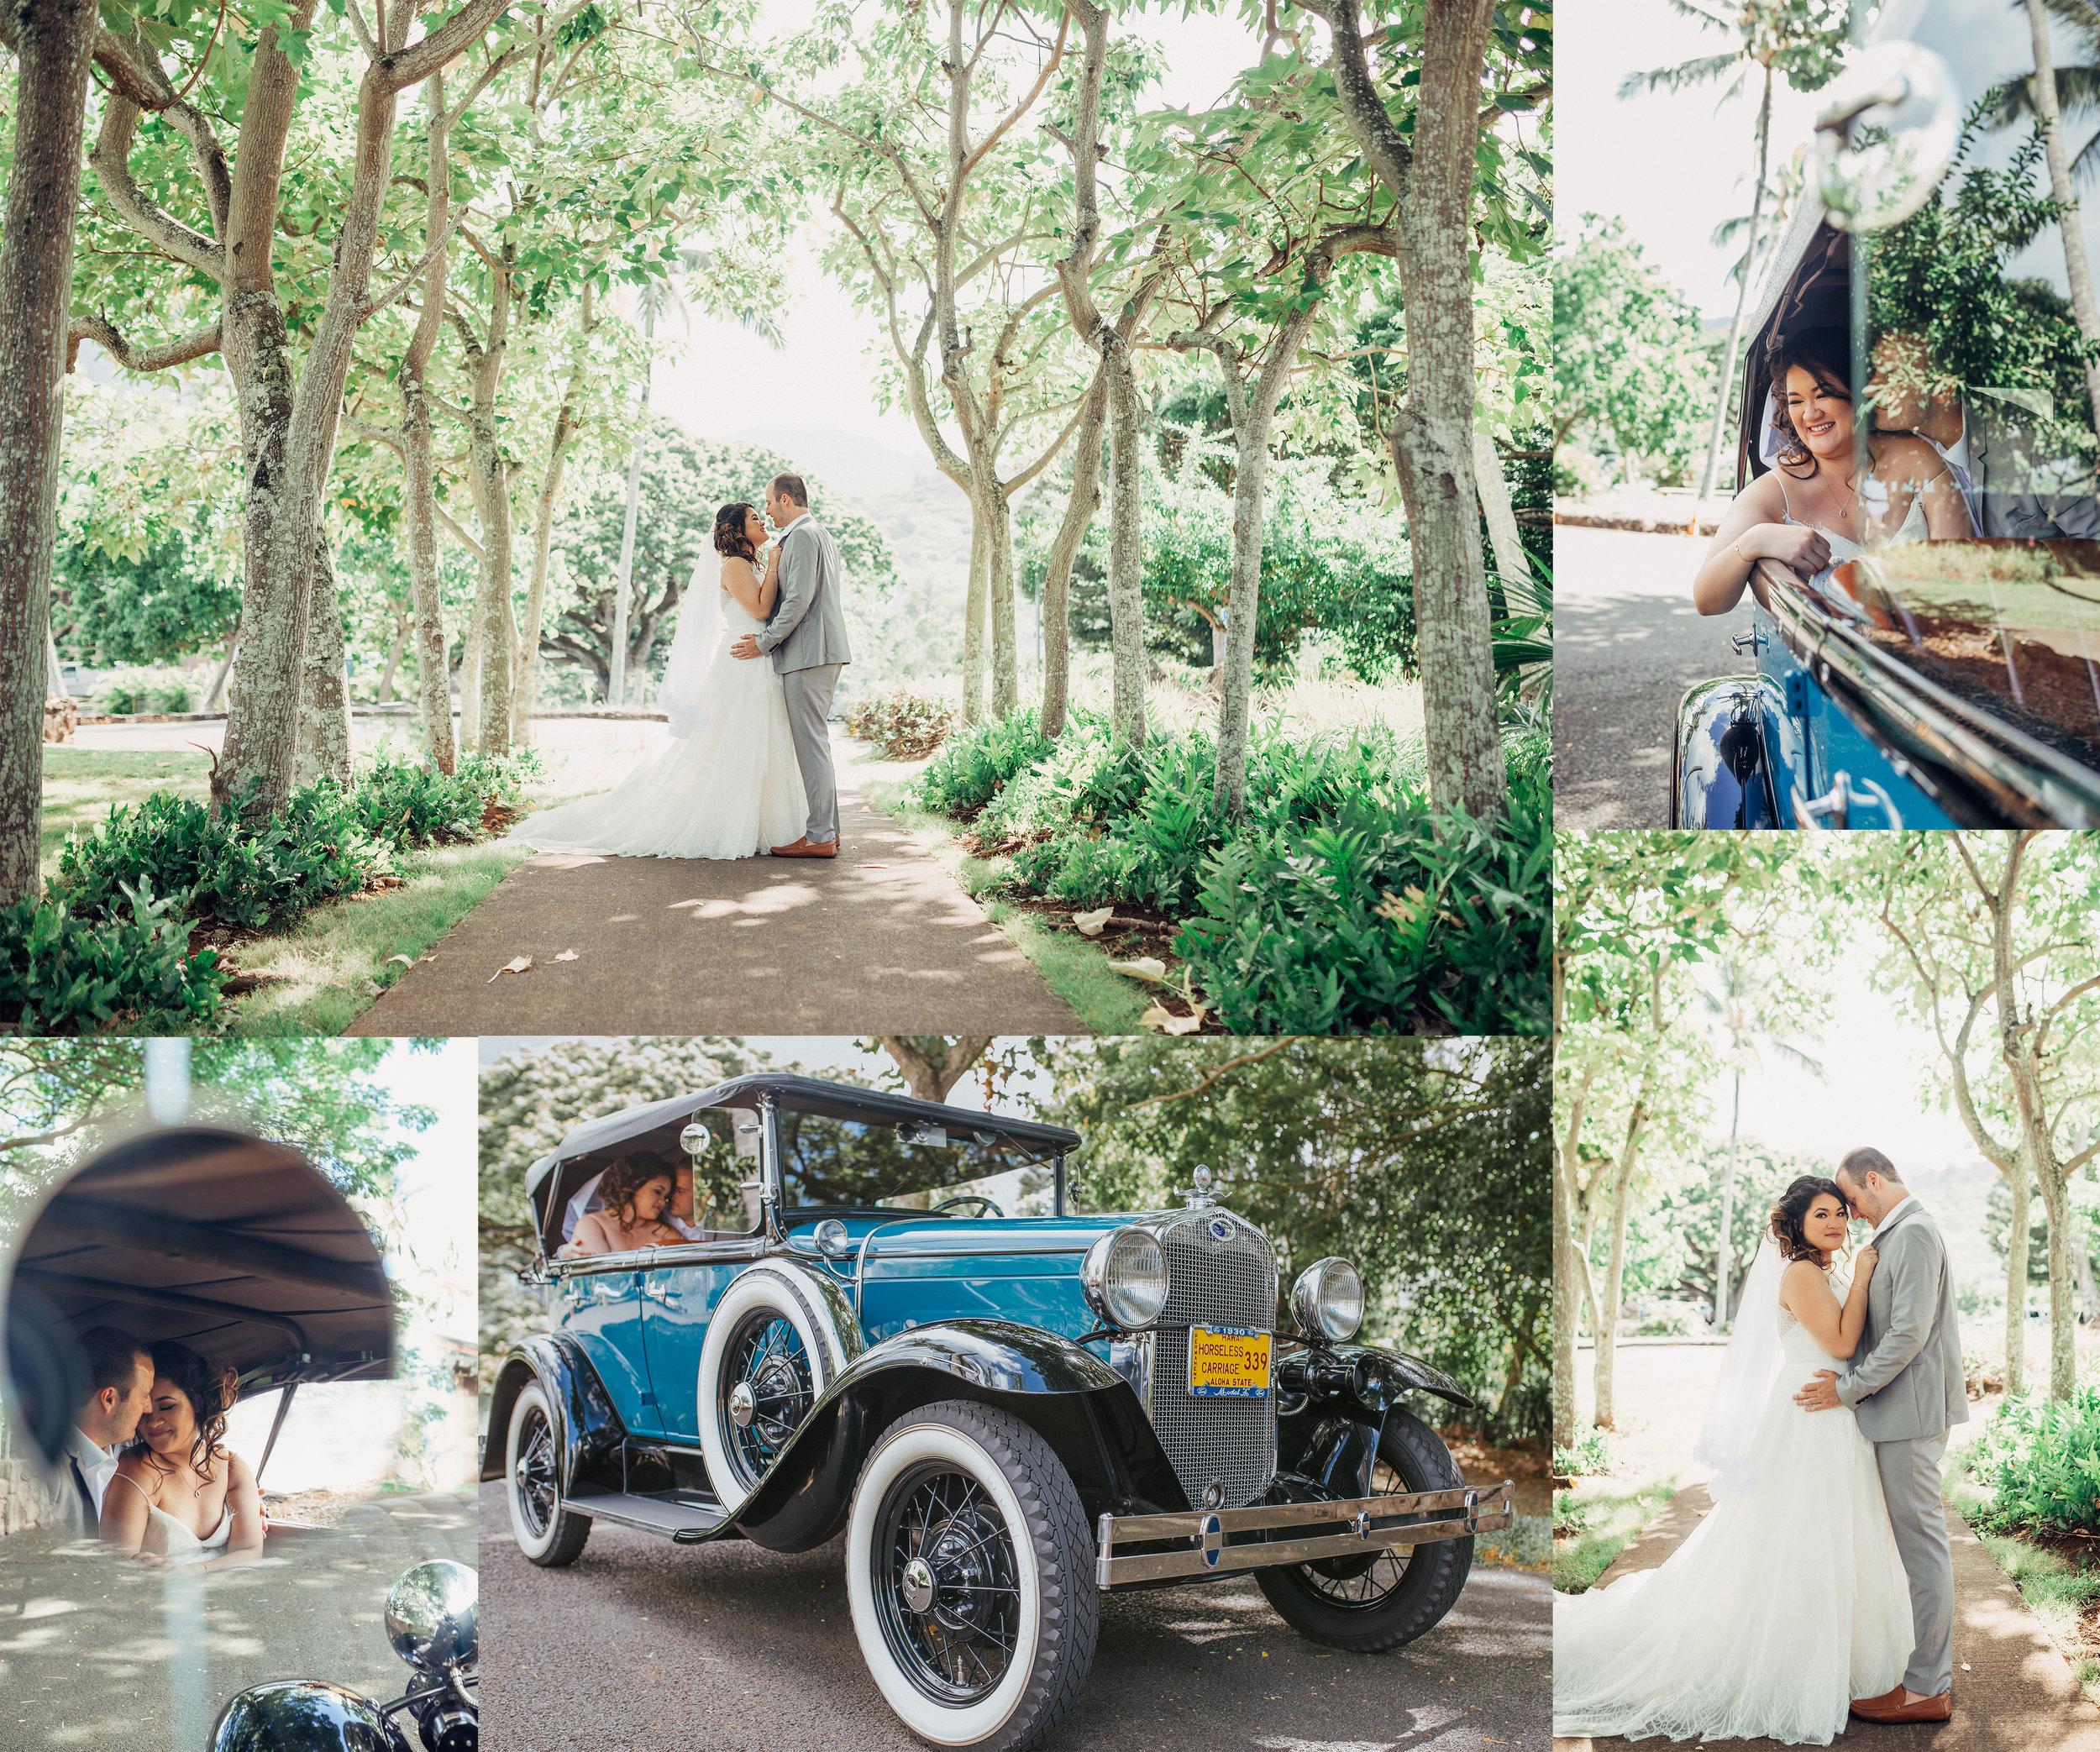 Old Fashion Wedding. July Wedding. Oahu, Hawaii. New Wave Photography.jpg